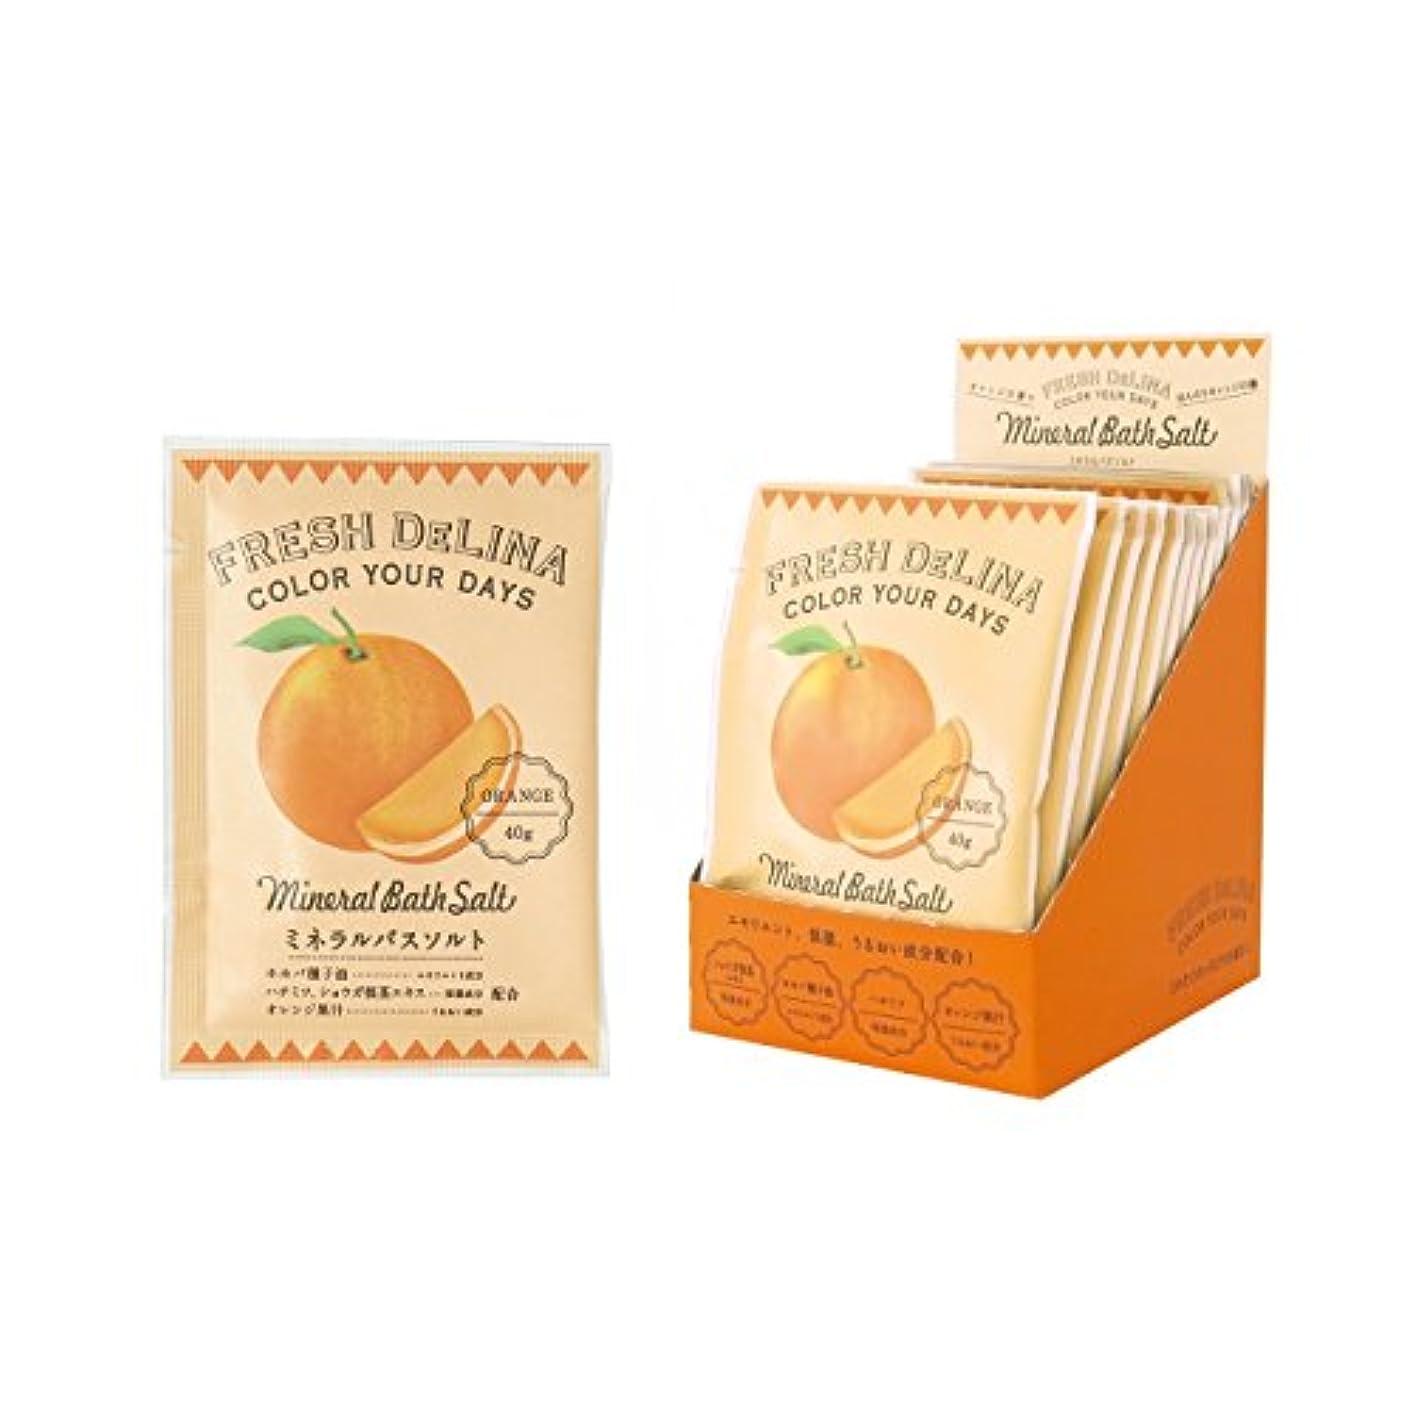 小説家望むマーガレットミッチェルフレッシュデリーナ ミネラルバスソルト40g(オレンジ) 12個 (海塩タイプ入浴料 日本製 フレッシュな柑橘系の香り)